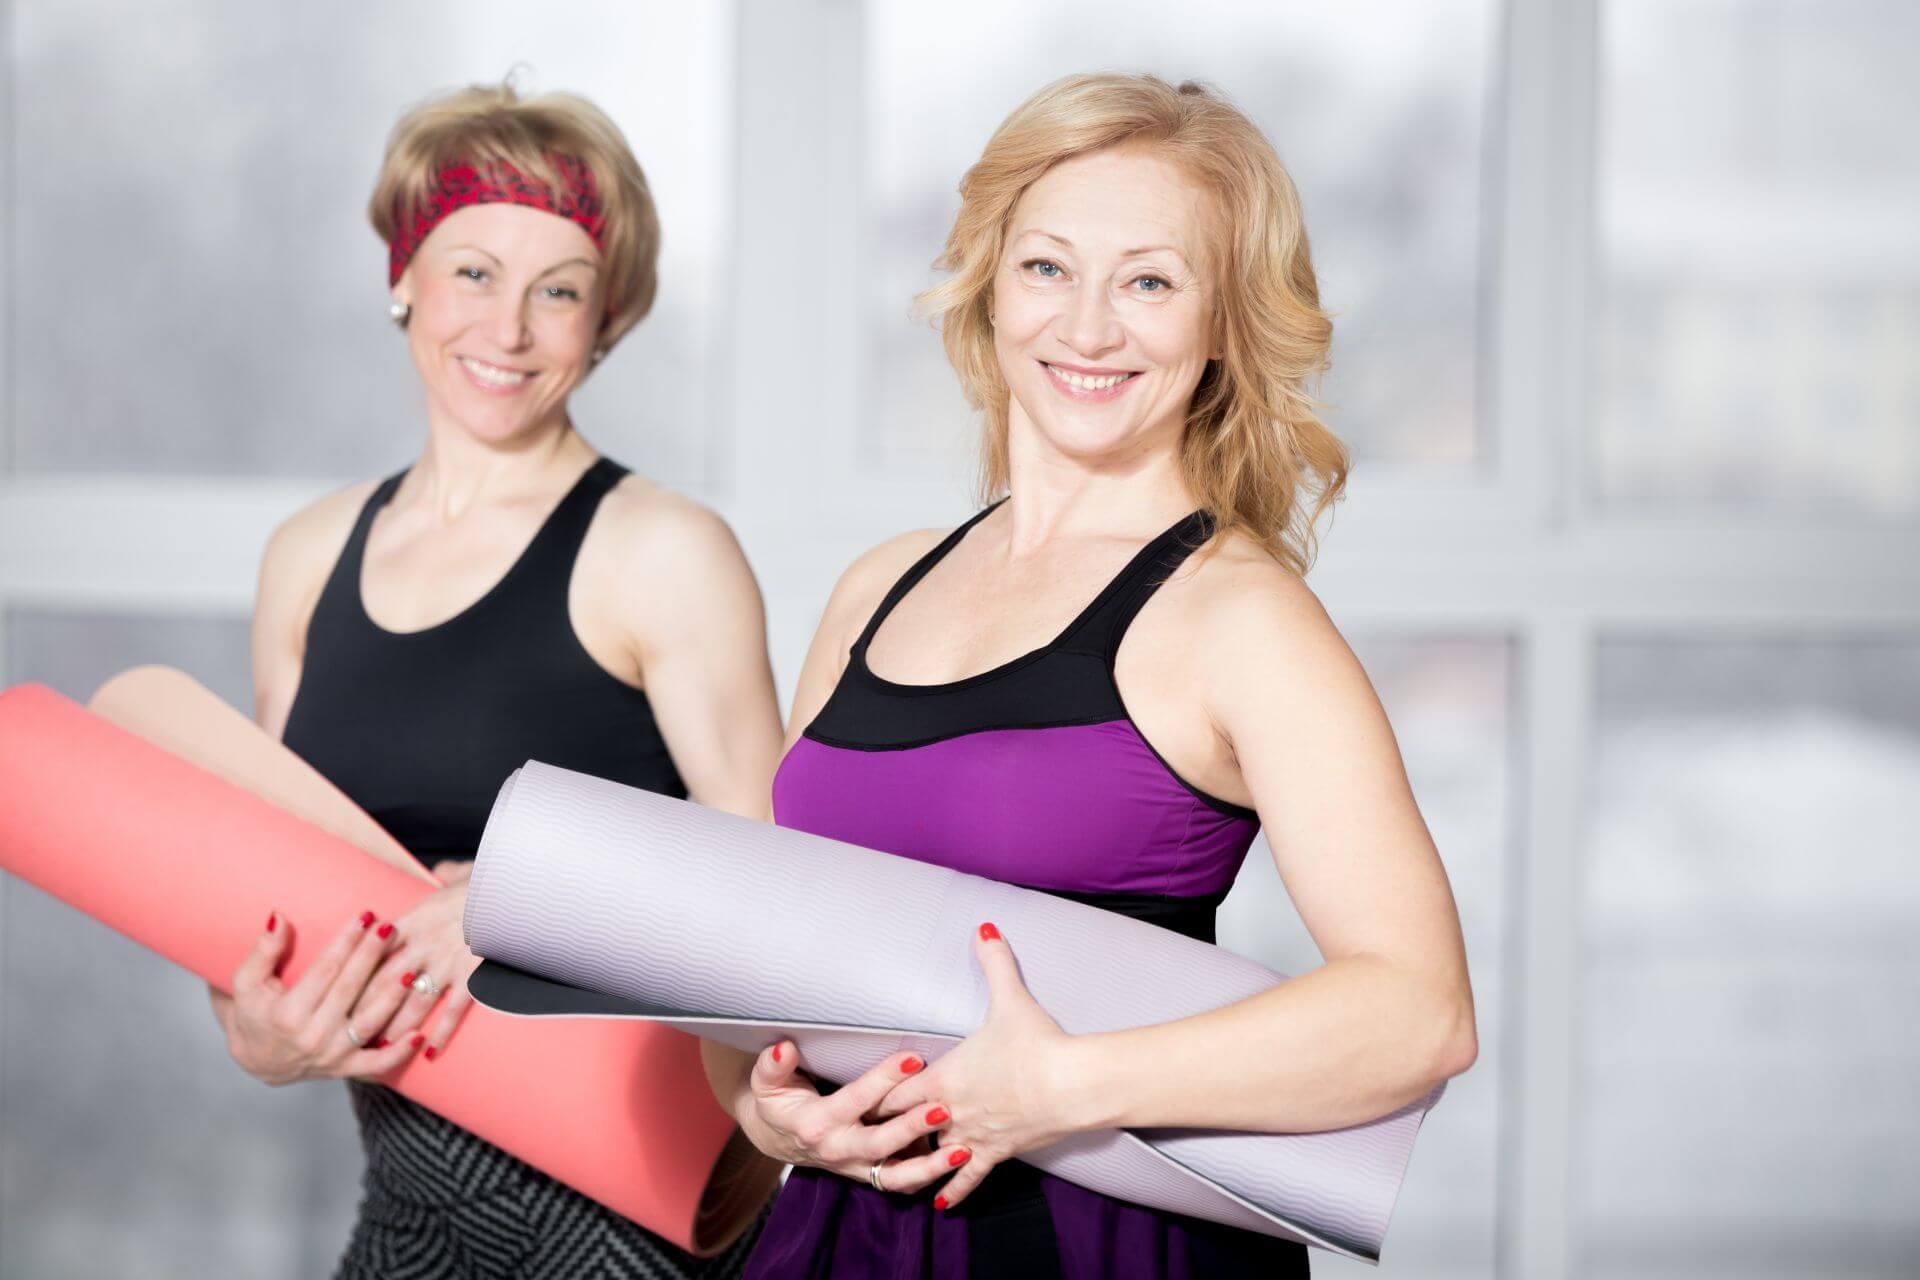 Как похудеть после 50 лет женщине при климаксе: советы врачей